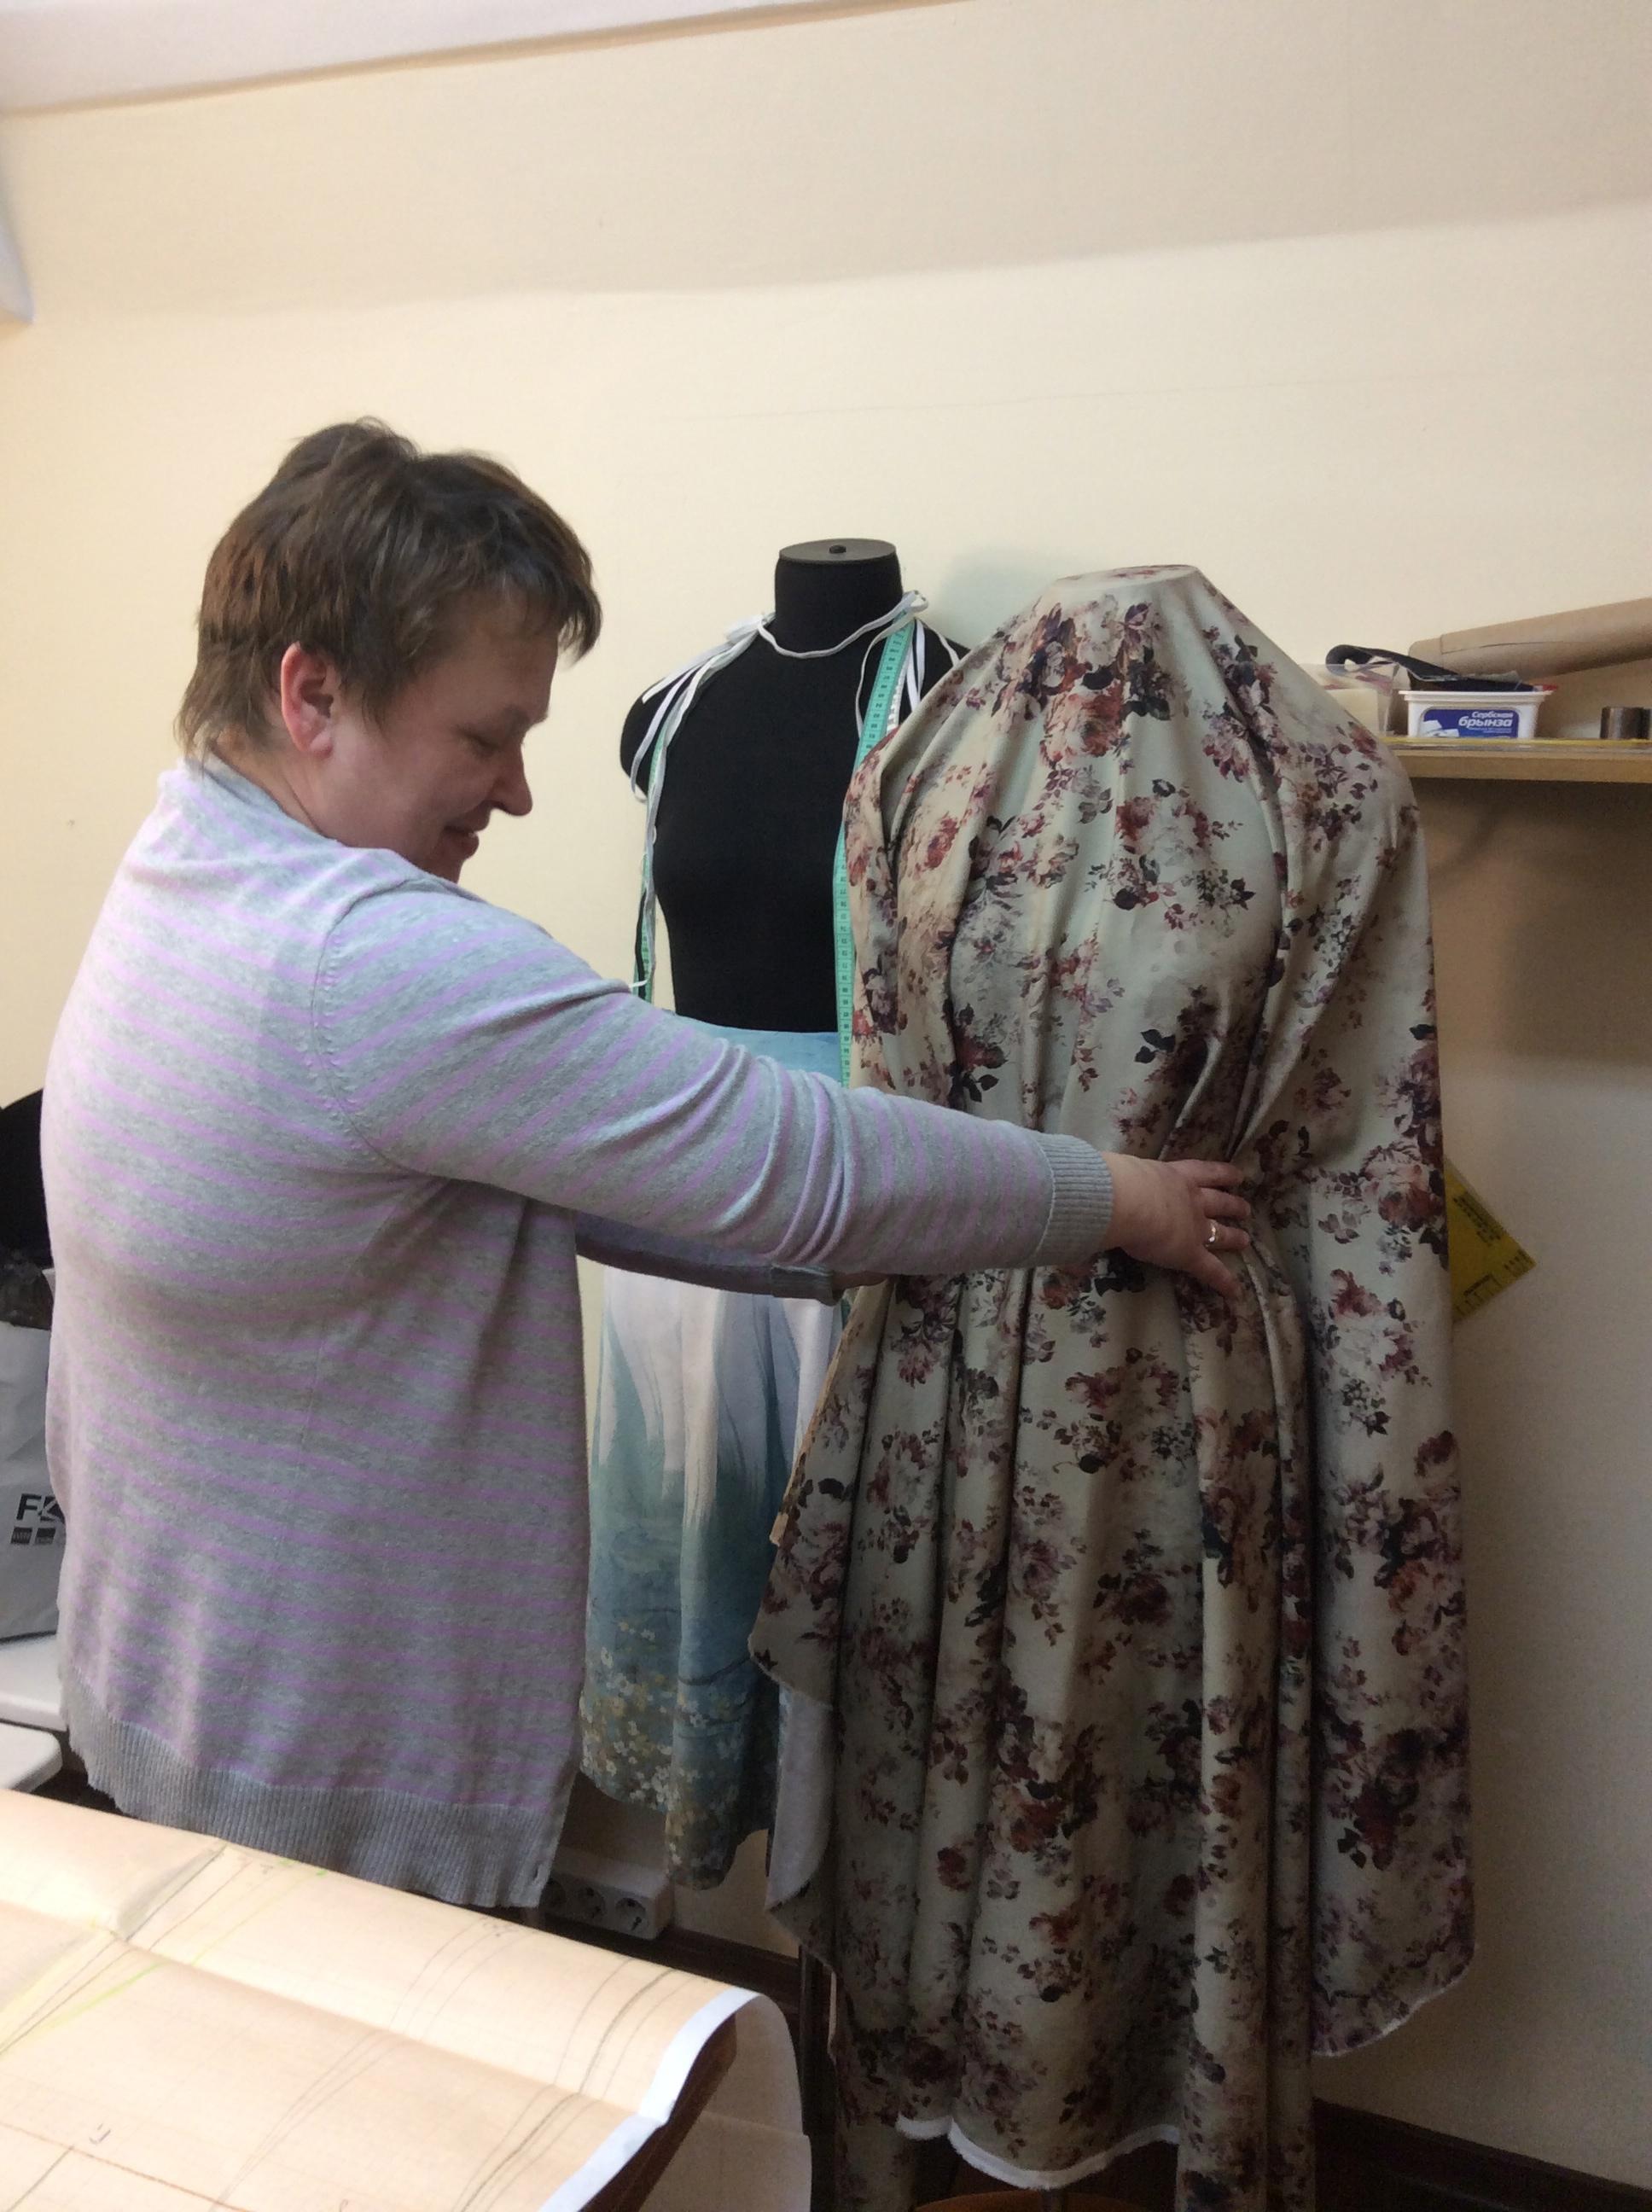 Ткань на курсах шитья Школа дизайнерского мастерства Елизаветы Добрицкой